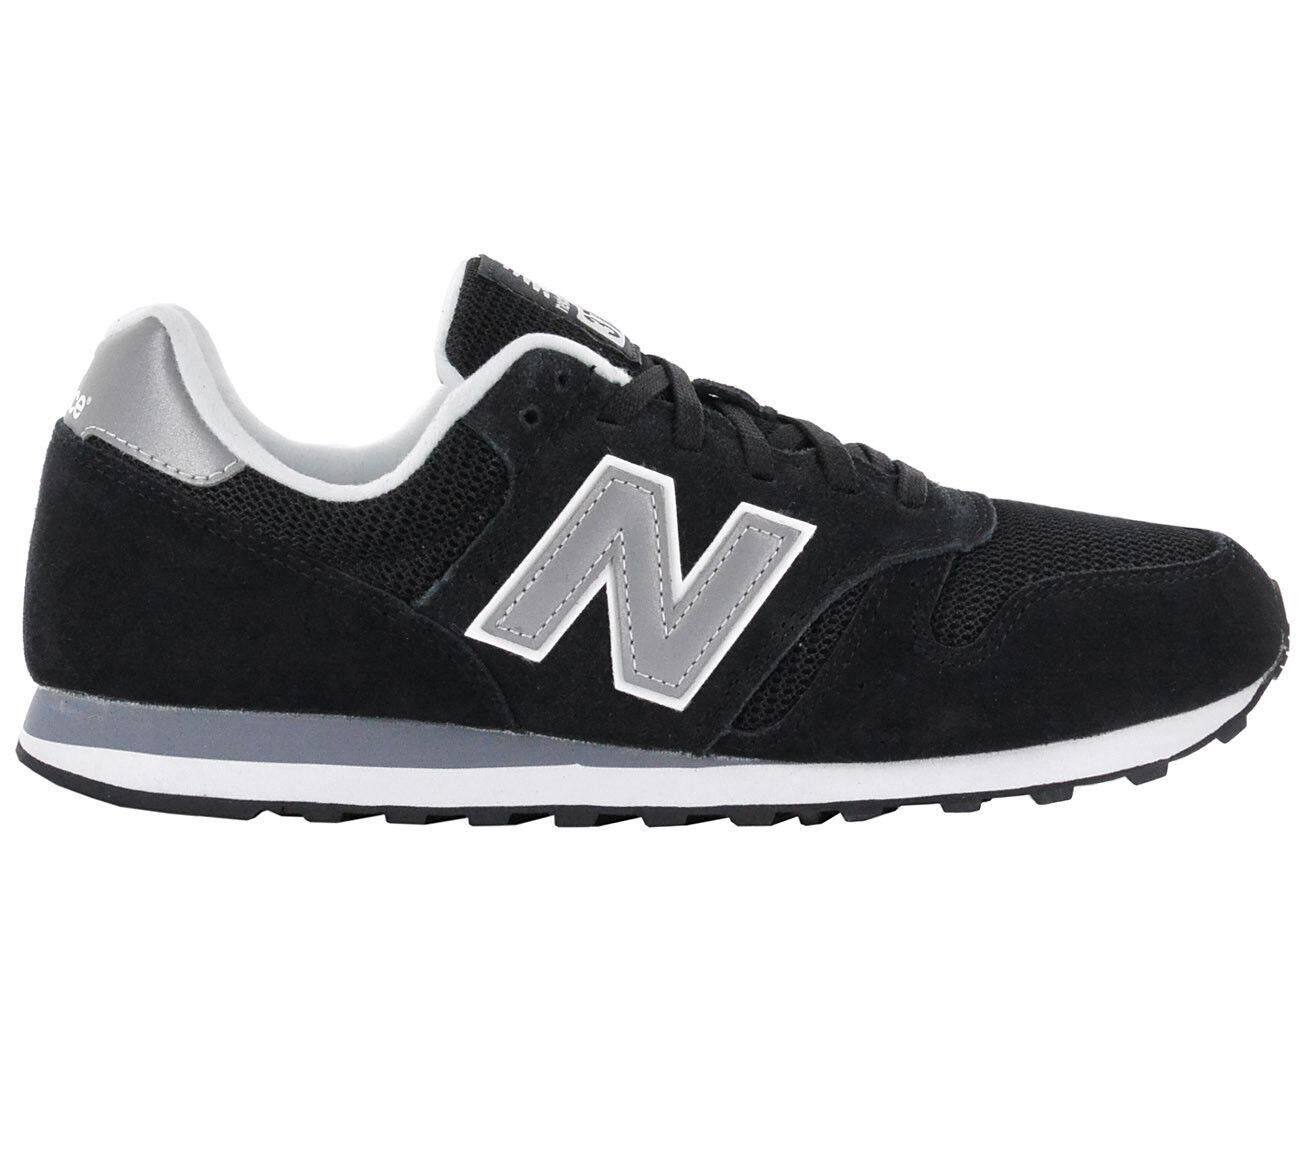 New Balance Classics Baskets Hommes 373 Noir Chaussures de Sport ML373GRE Neuf